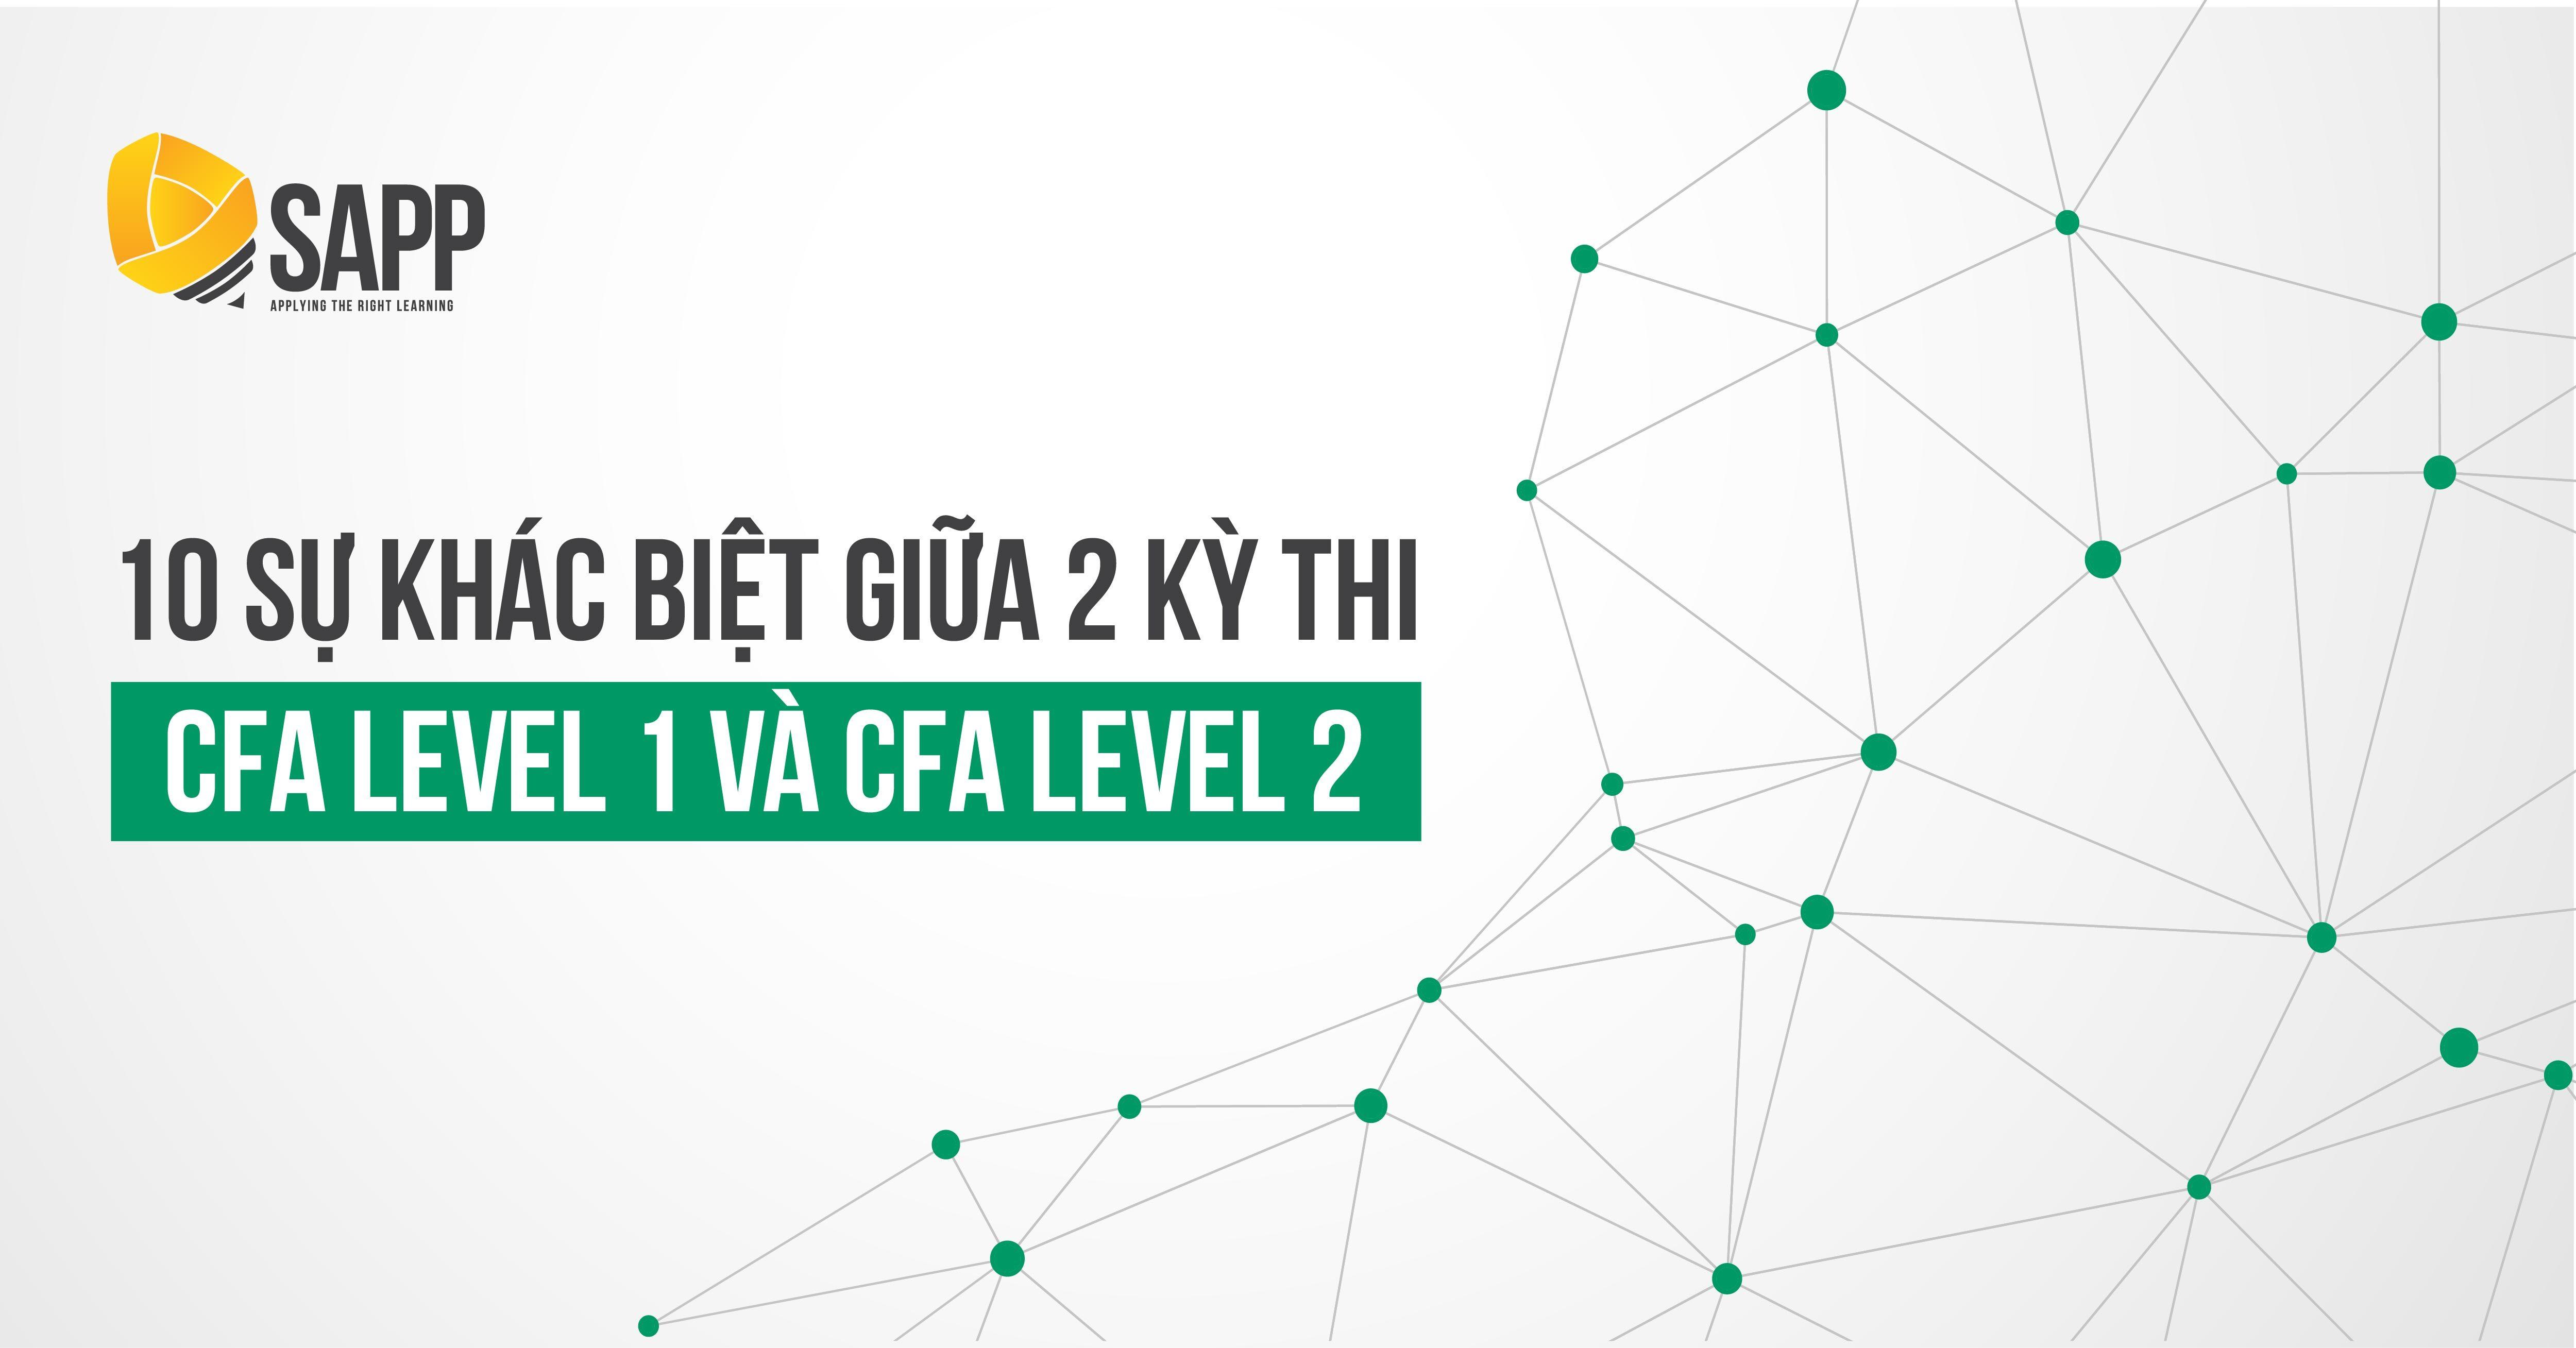 10 Điểm Khác Biệt Giữa 2 Kỳ Thi CFA Level 1 và CFA Level 2